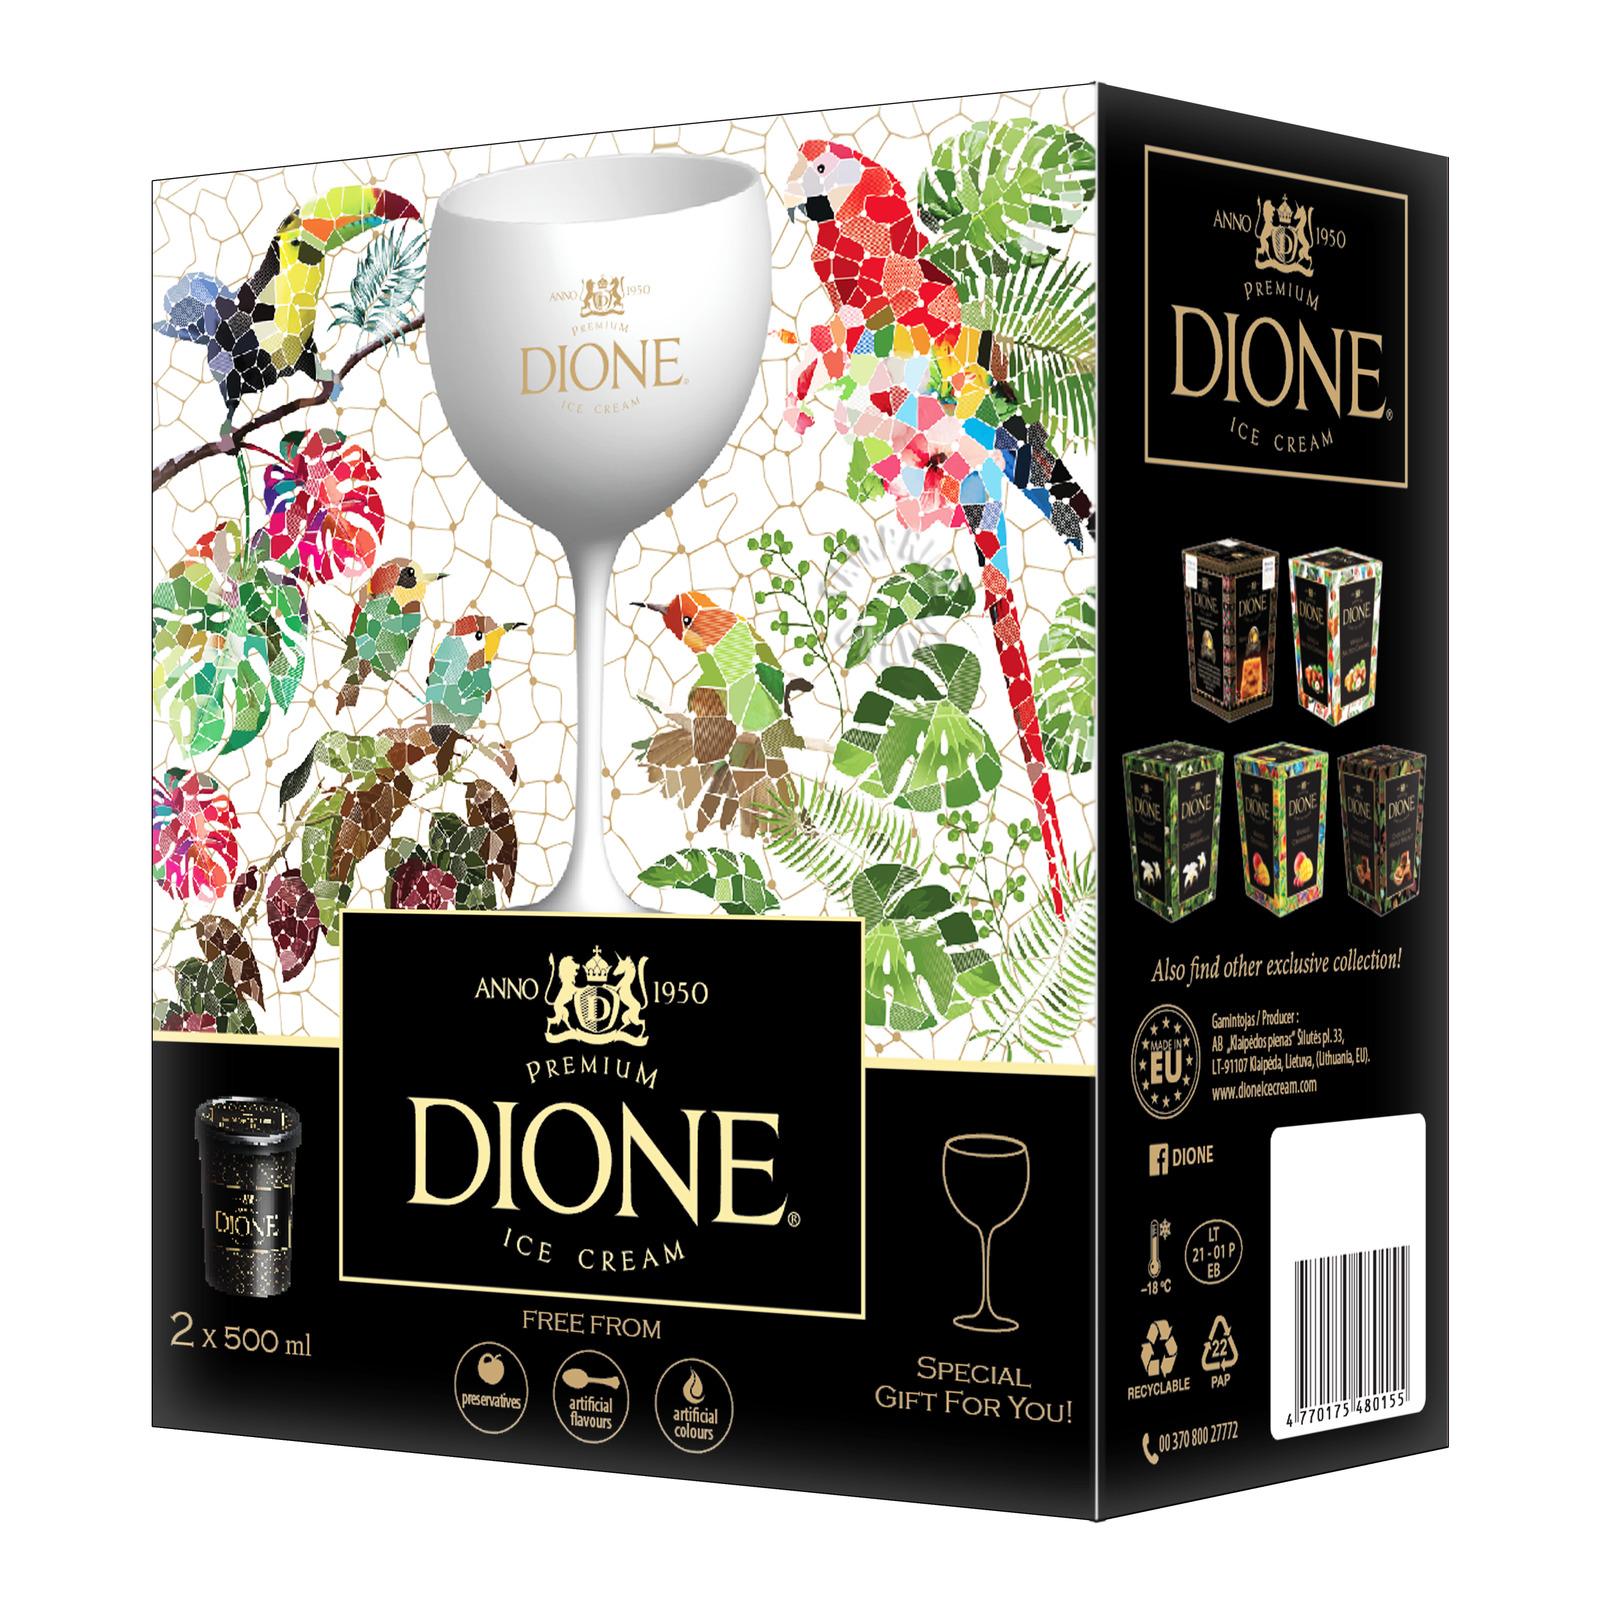 Dione Premium Ice Cream